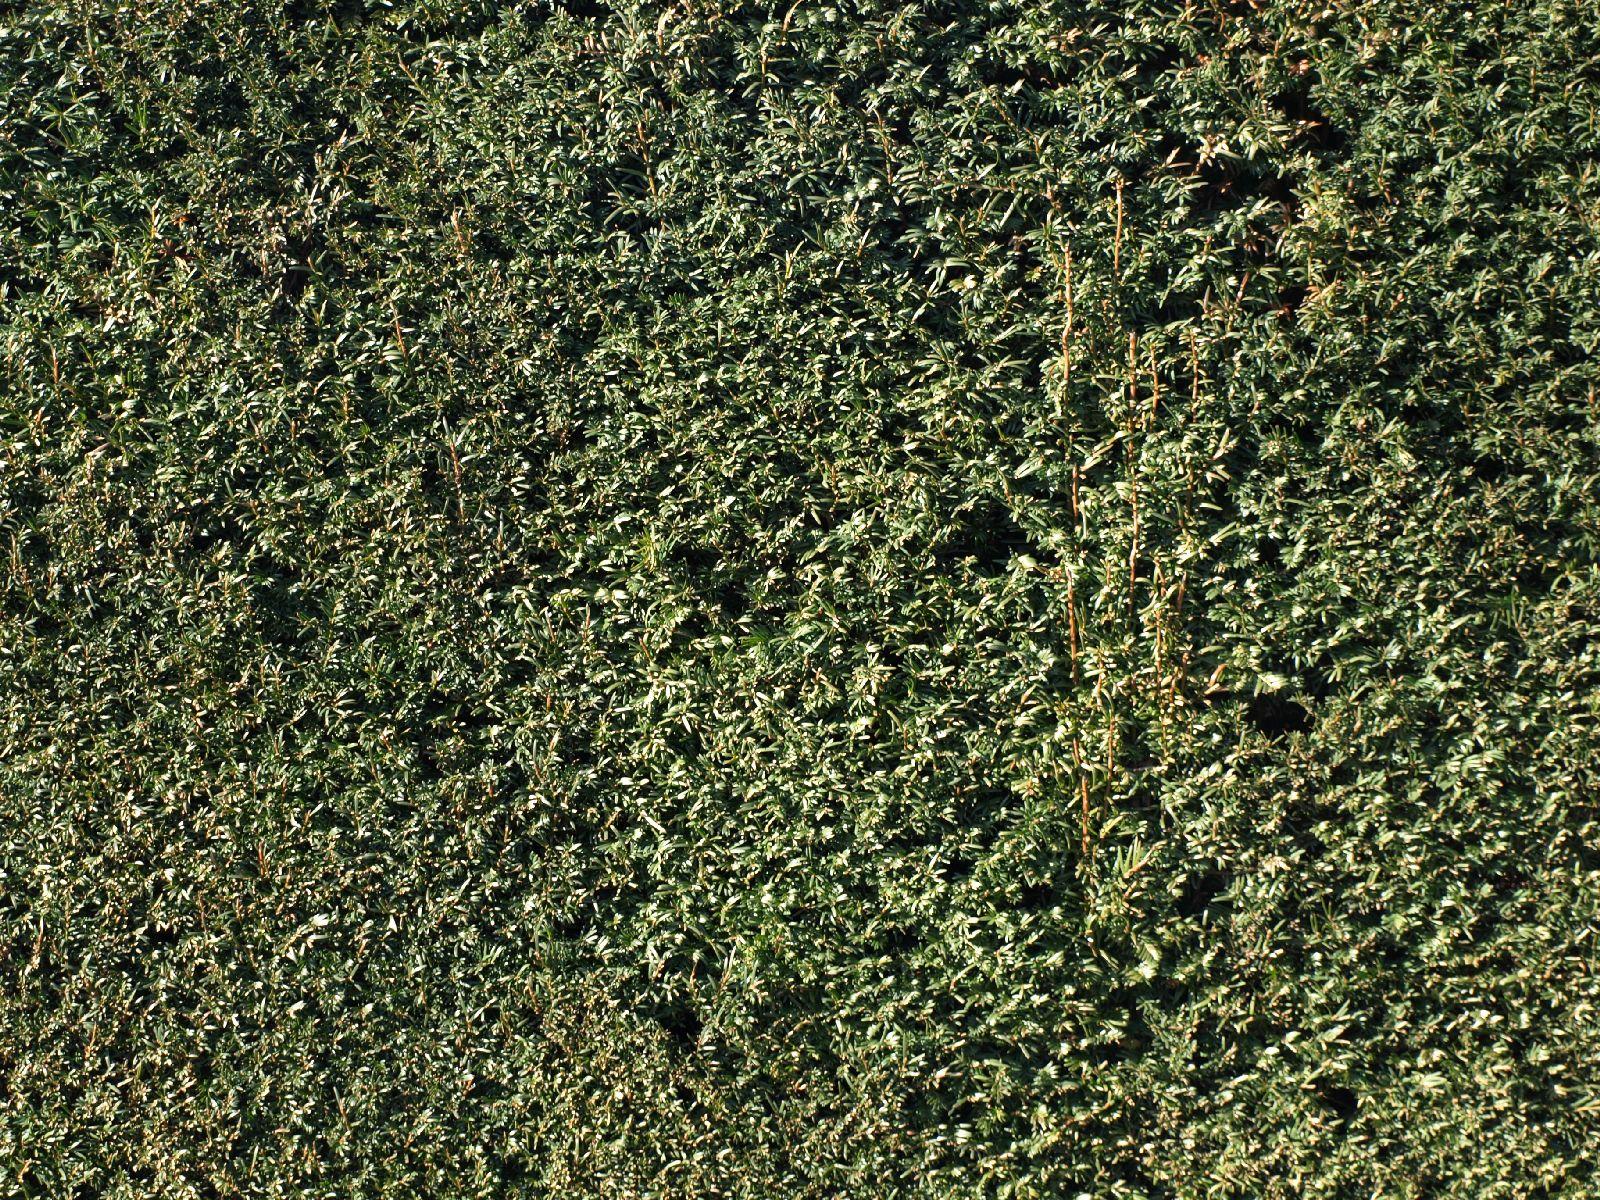 Pflanzen-Hecken-Foto_Textur_B_P1259964